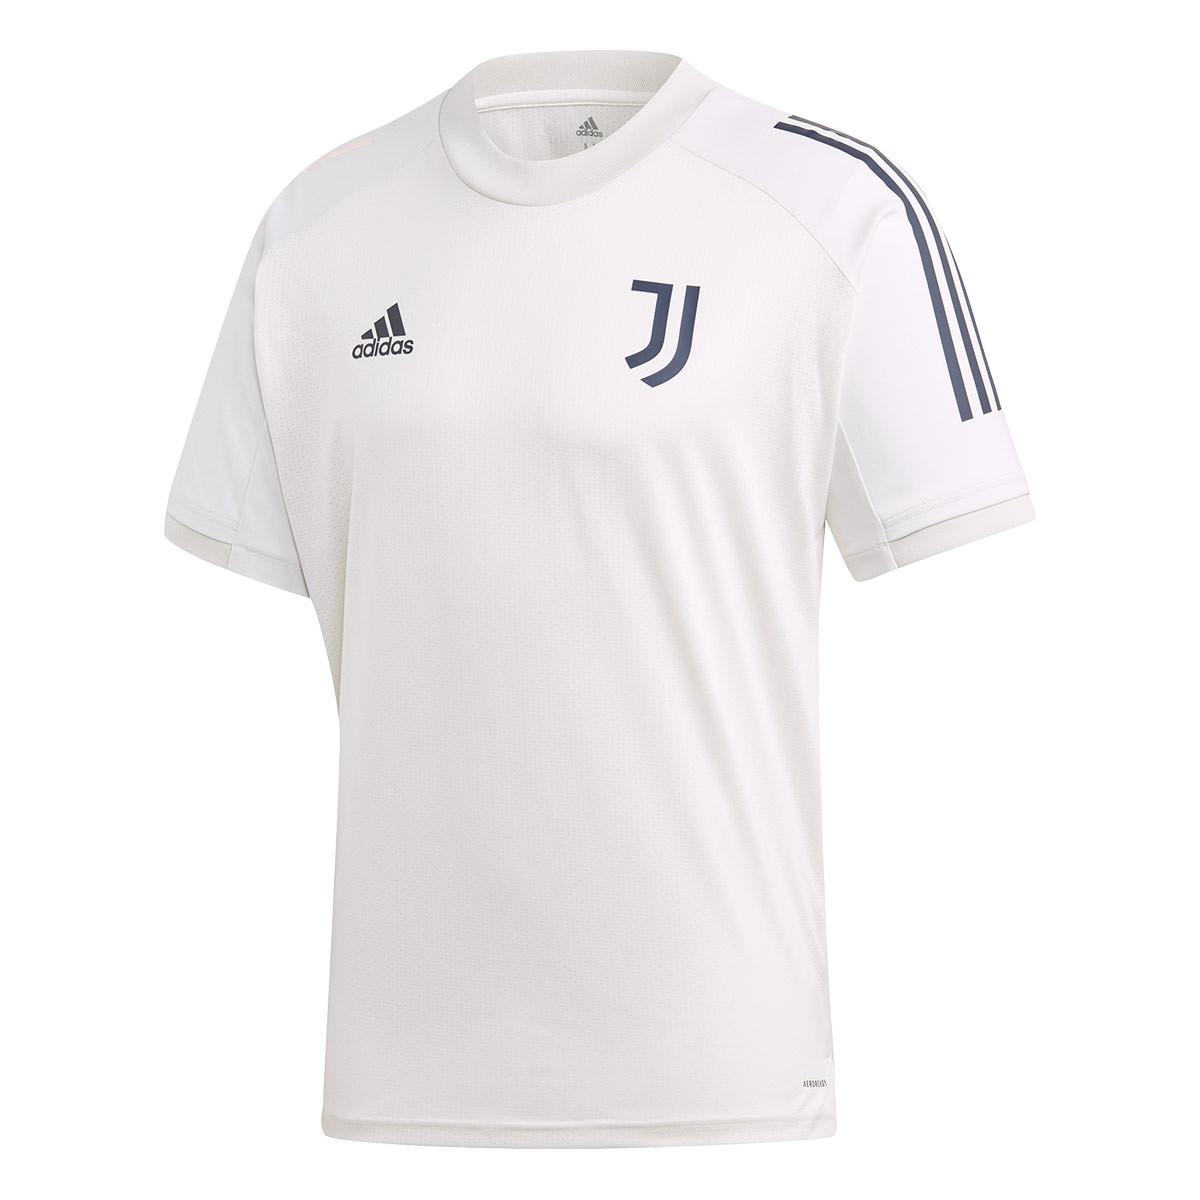 adidas Juventus Training 2020-2021 Jersey